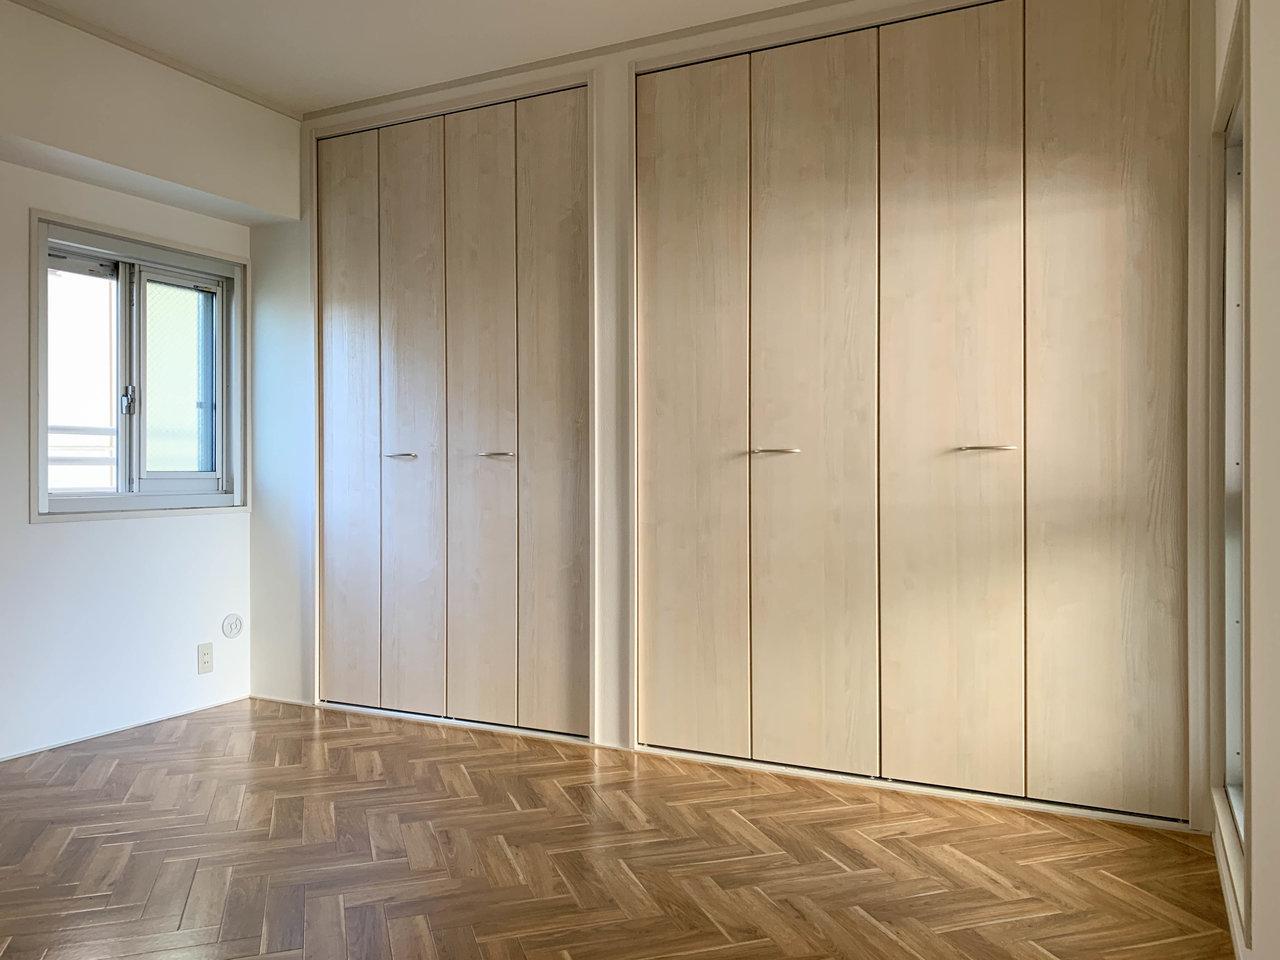 もう一つのお部屋は寝室に。ヘリンボーンの床がおしゃれです。収納スペースも横に広々とあって便利そう。